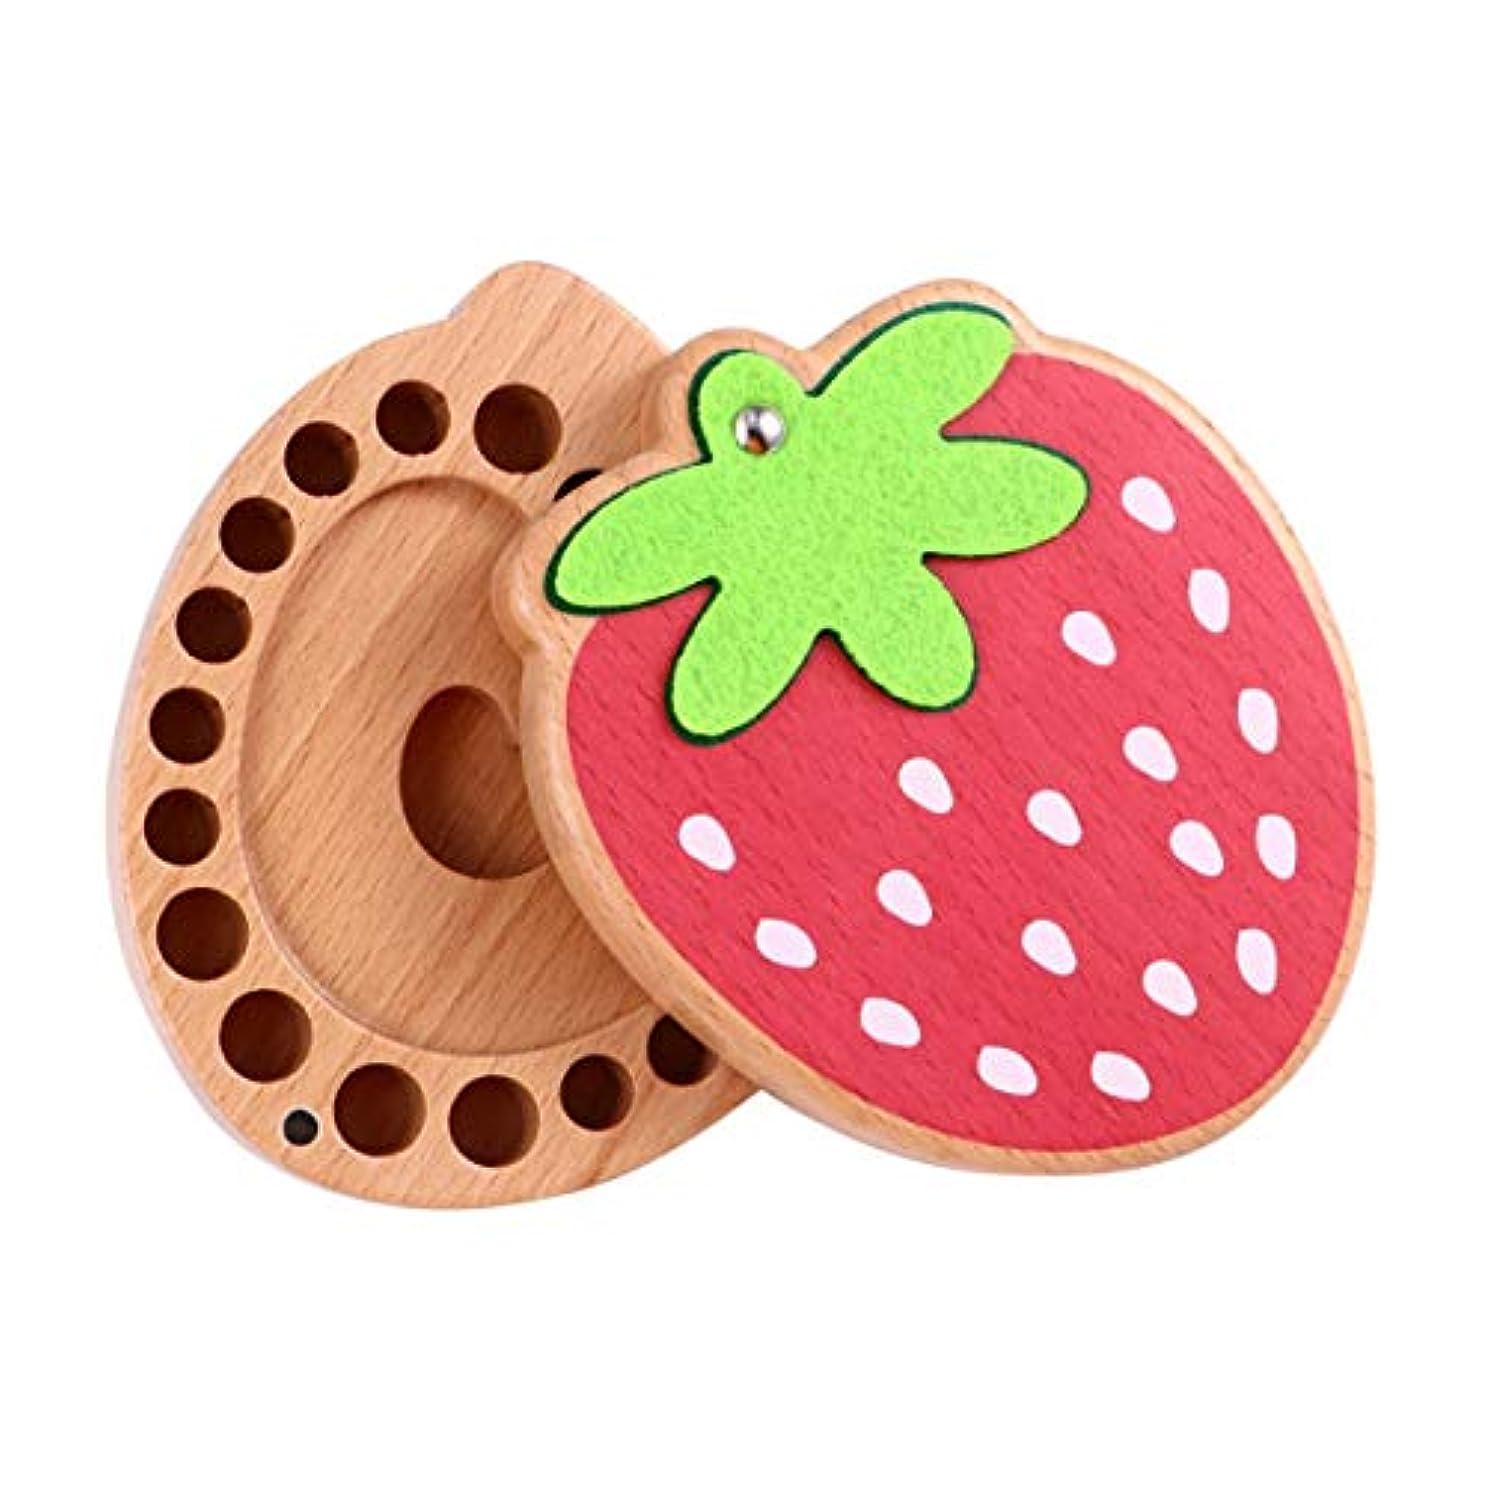 現代のスイジーンズNUOBESTY 赤ちゃんの歯の記念品ボックス歯の妖精ホルダー木製イチゴ形状落葉性最初の歯のカール記念品コレクションオーガナイザー収納ホルダー赤ちゃん男の子女の子